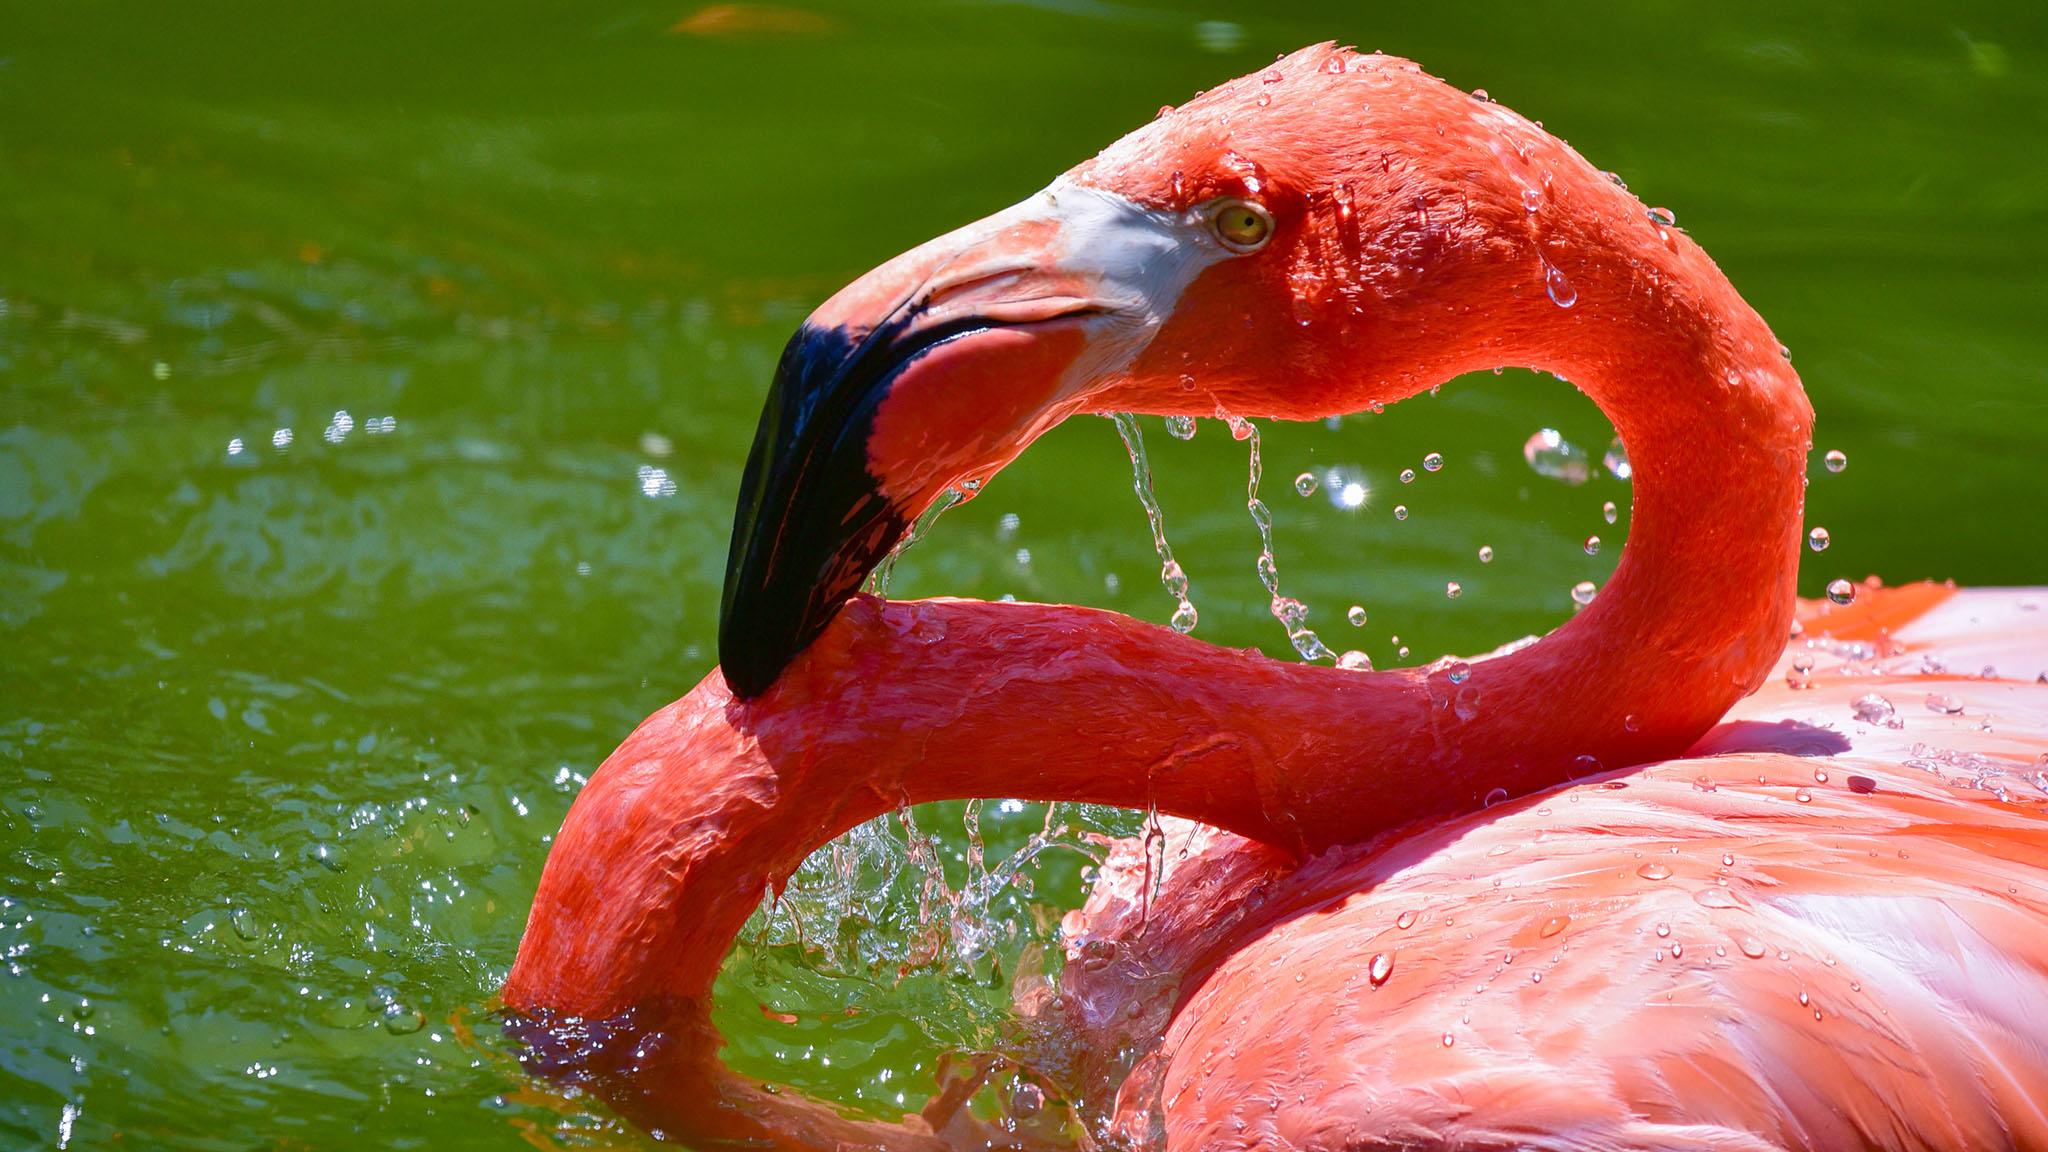 flamingo in water.